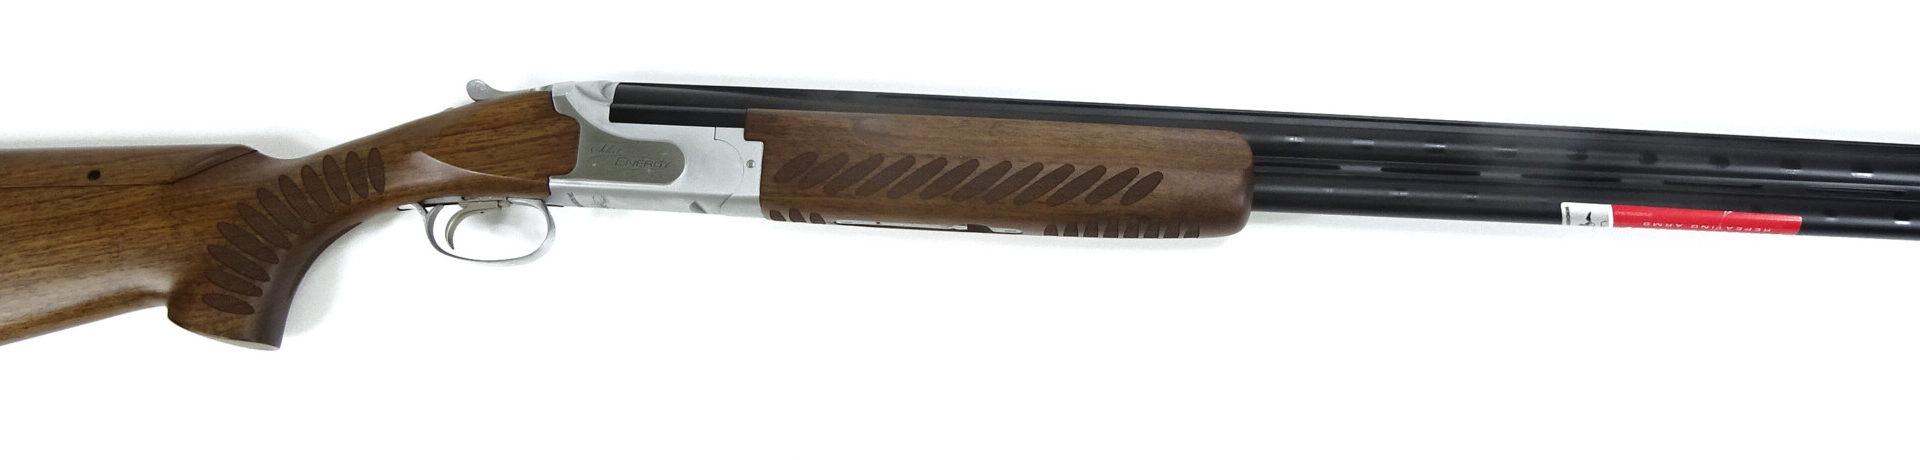 DSC02155